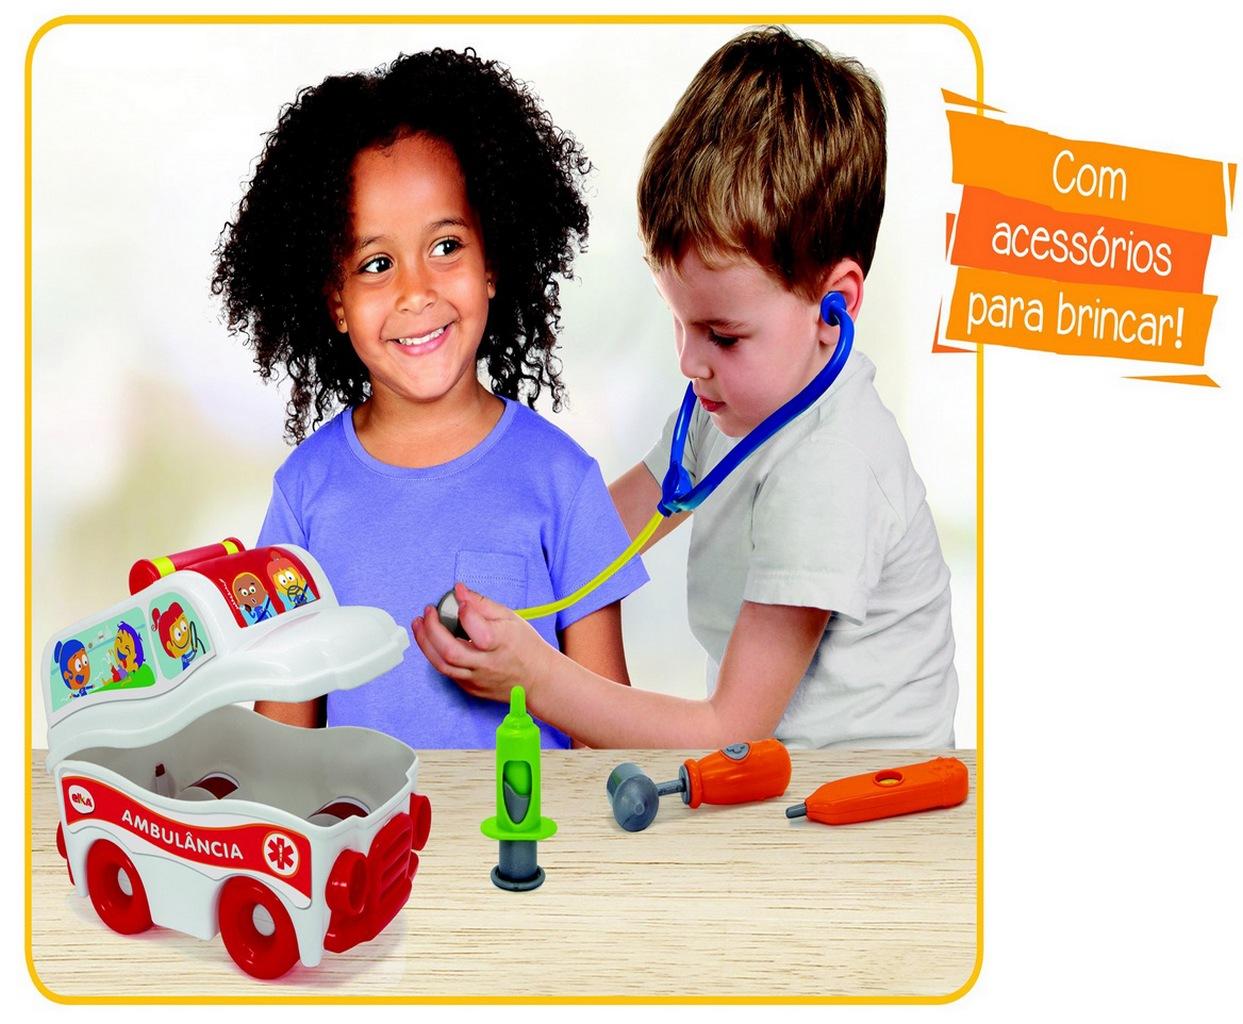 Ambulância S.O.S Resgate Infantil Menino Menina Brinquedo + Acessórios Socorrista Bolhas De Sabão Para Brincar Lançamento Elka